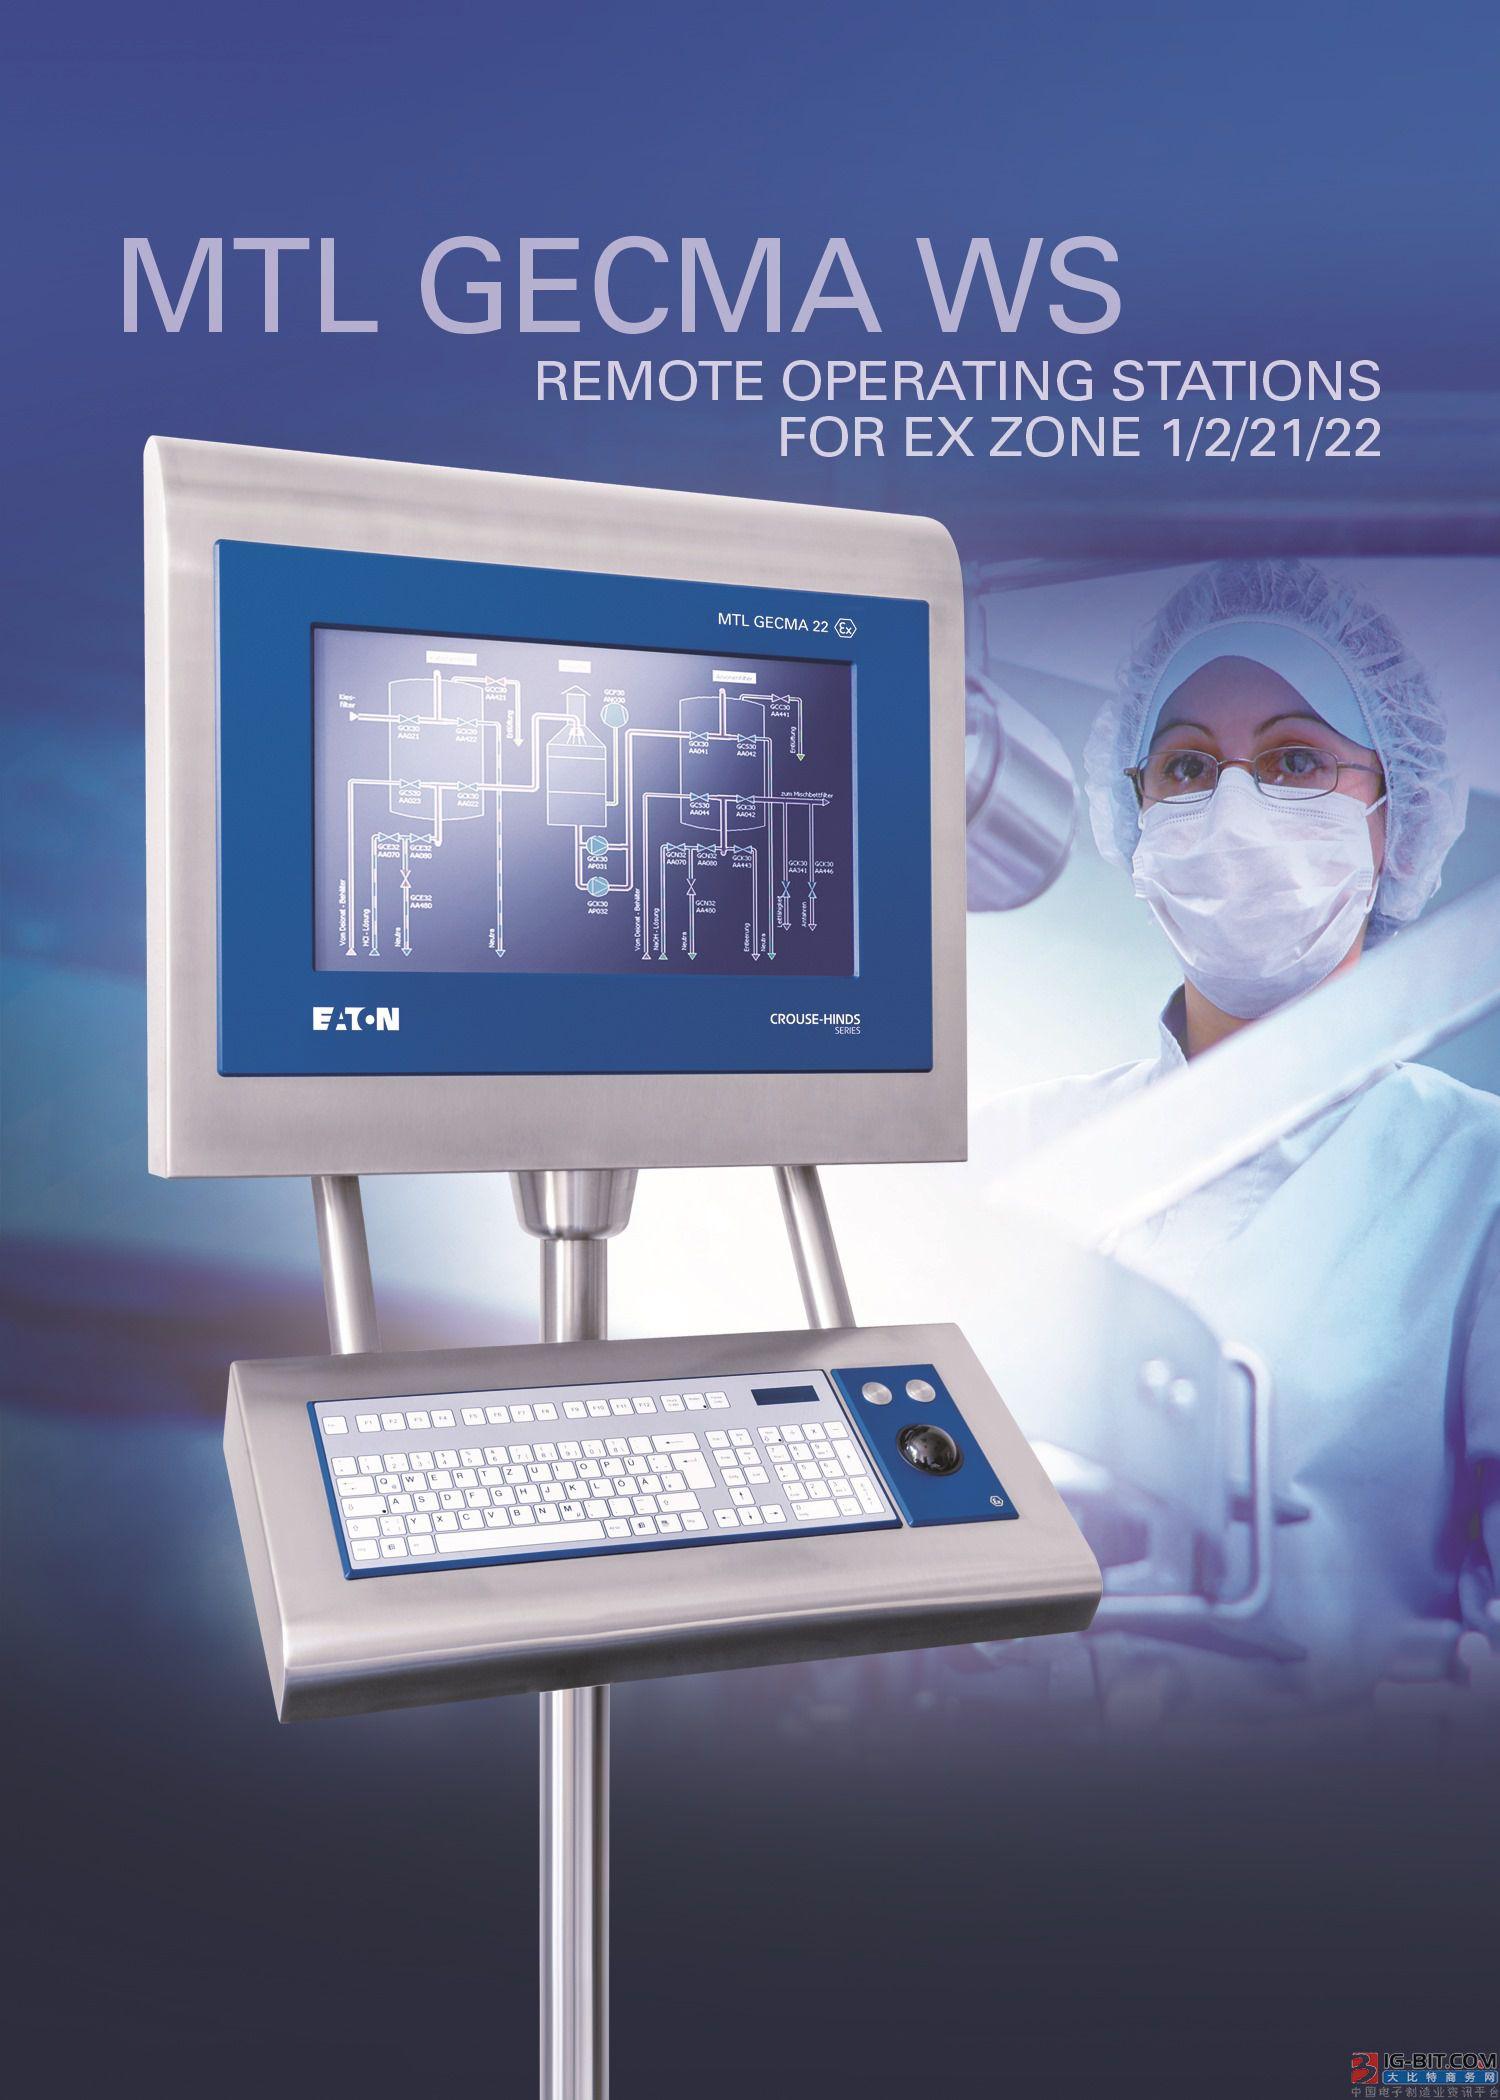 伊顿的HMI工作站新平台可优化生产效率并提高工厂安全性